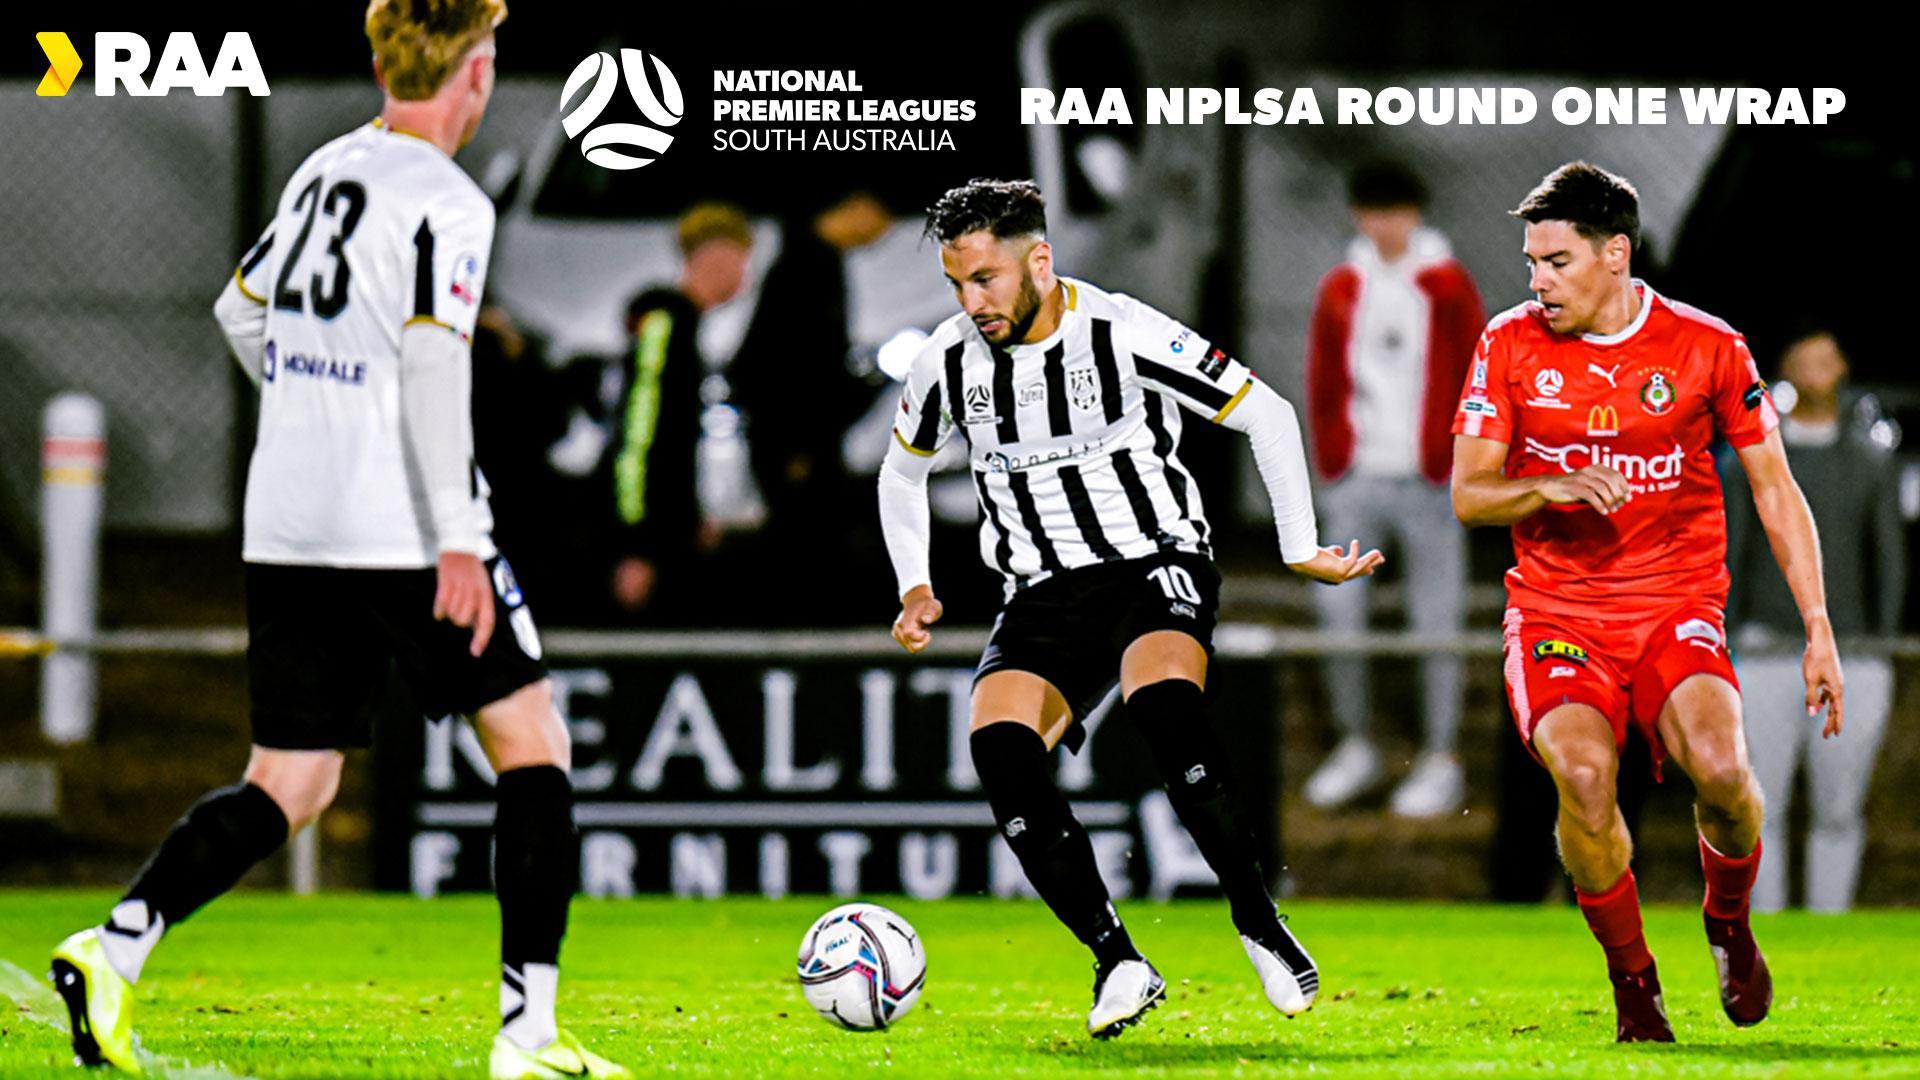 NPLSA Round One